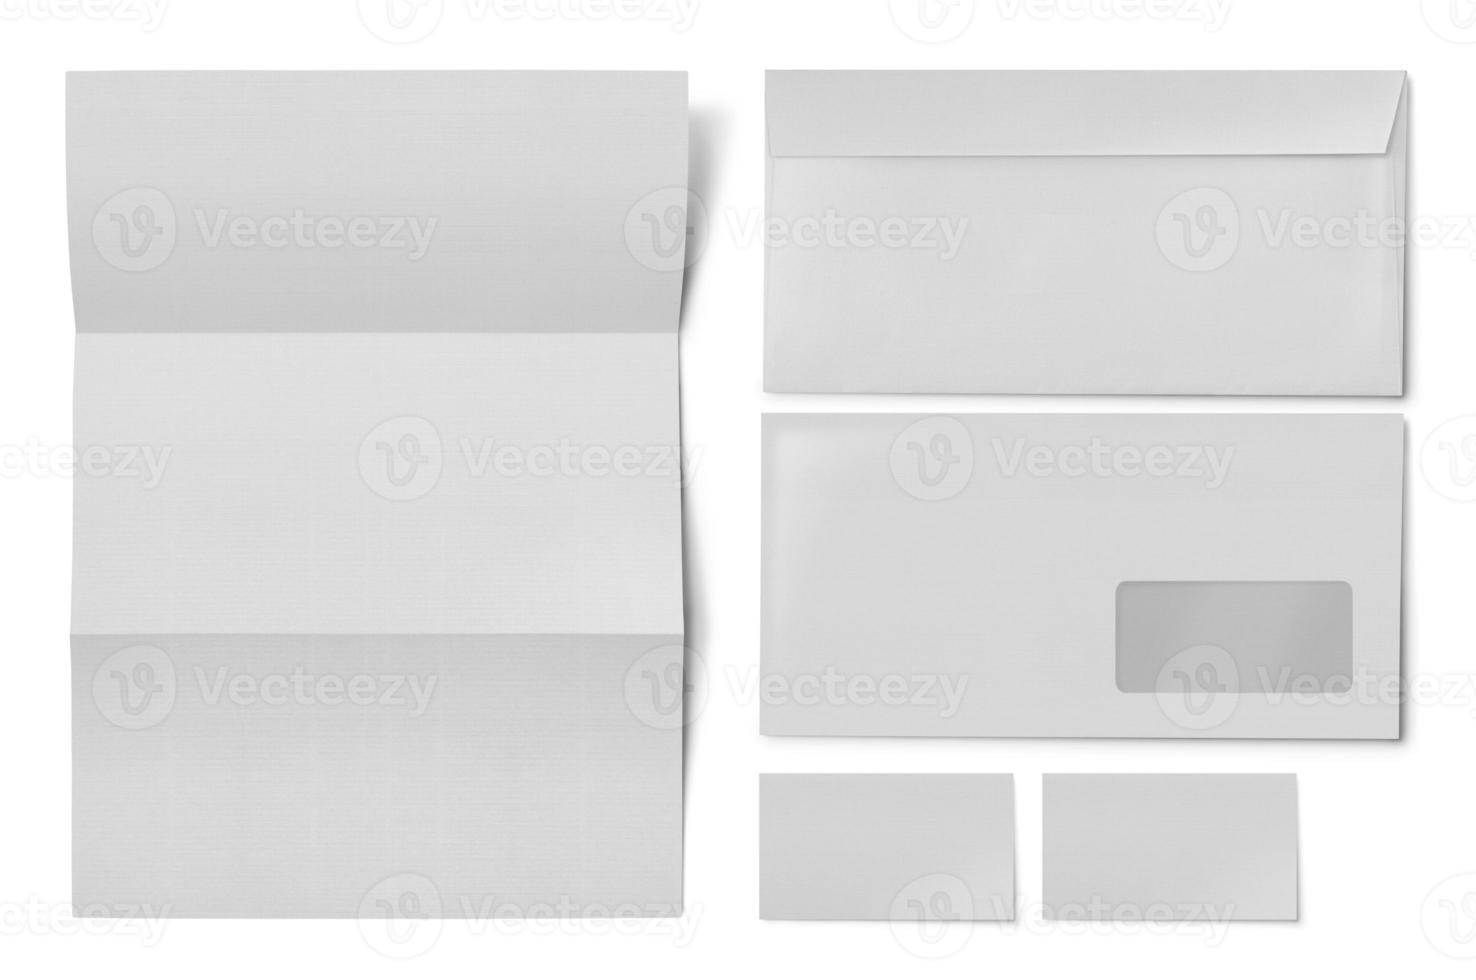 biglietti da visita semplici in carta bianca e busta per finestre foto